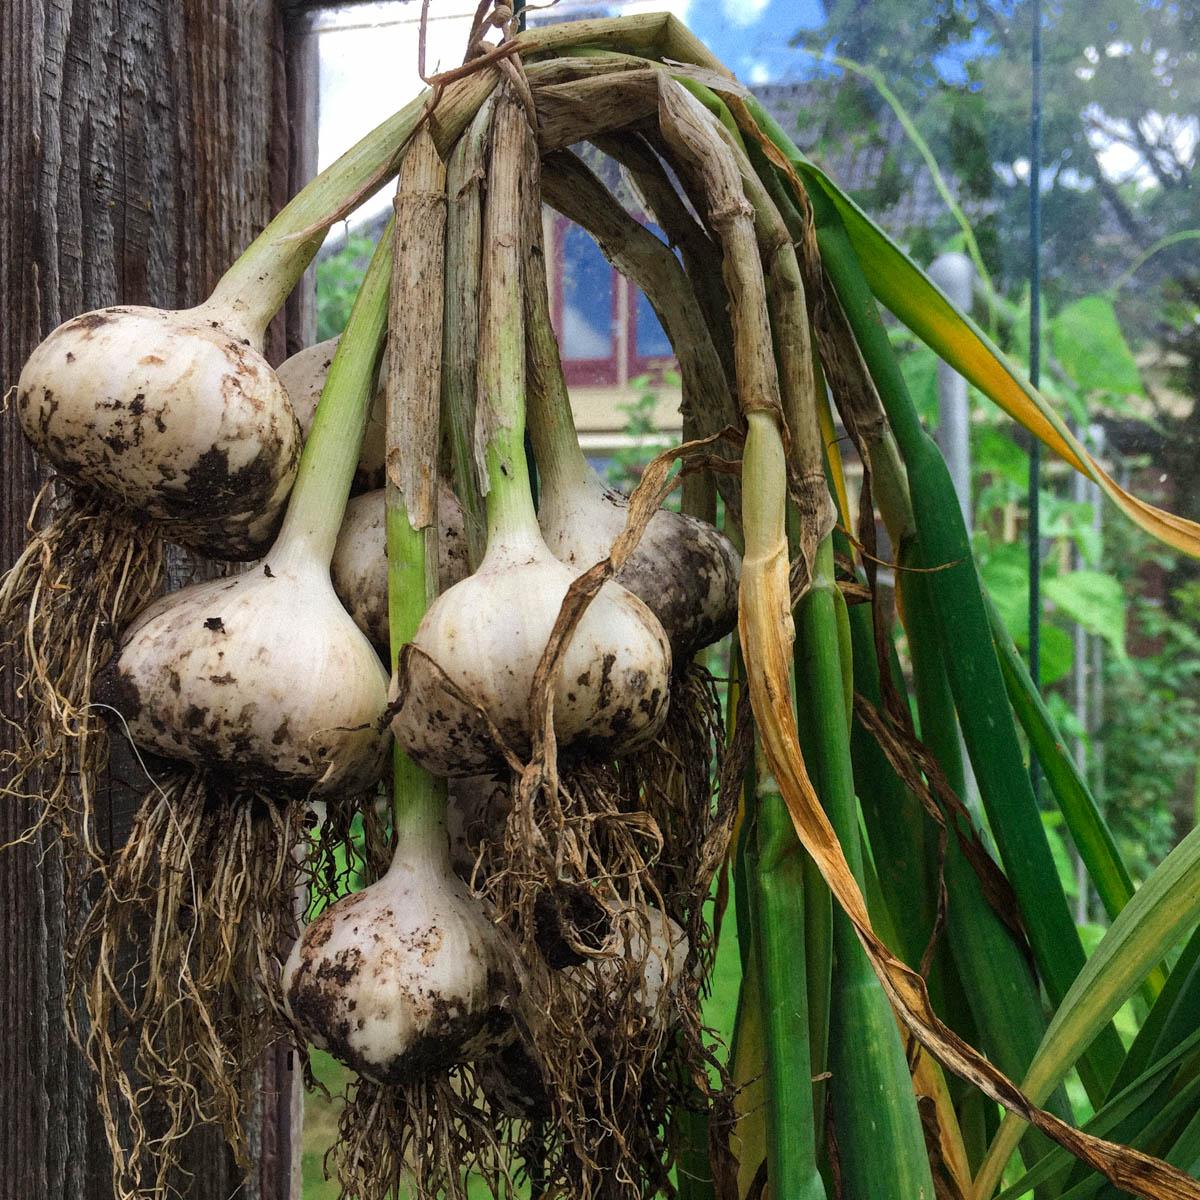 Knoflook poten in oktober in de Makkelijke Moestuin